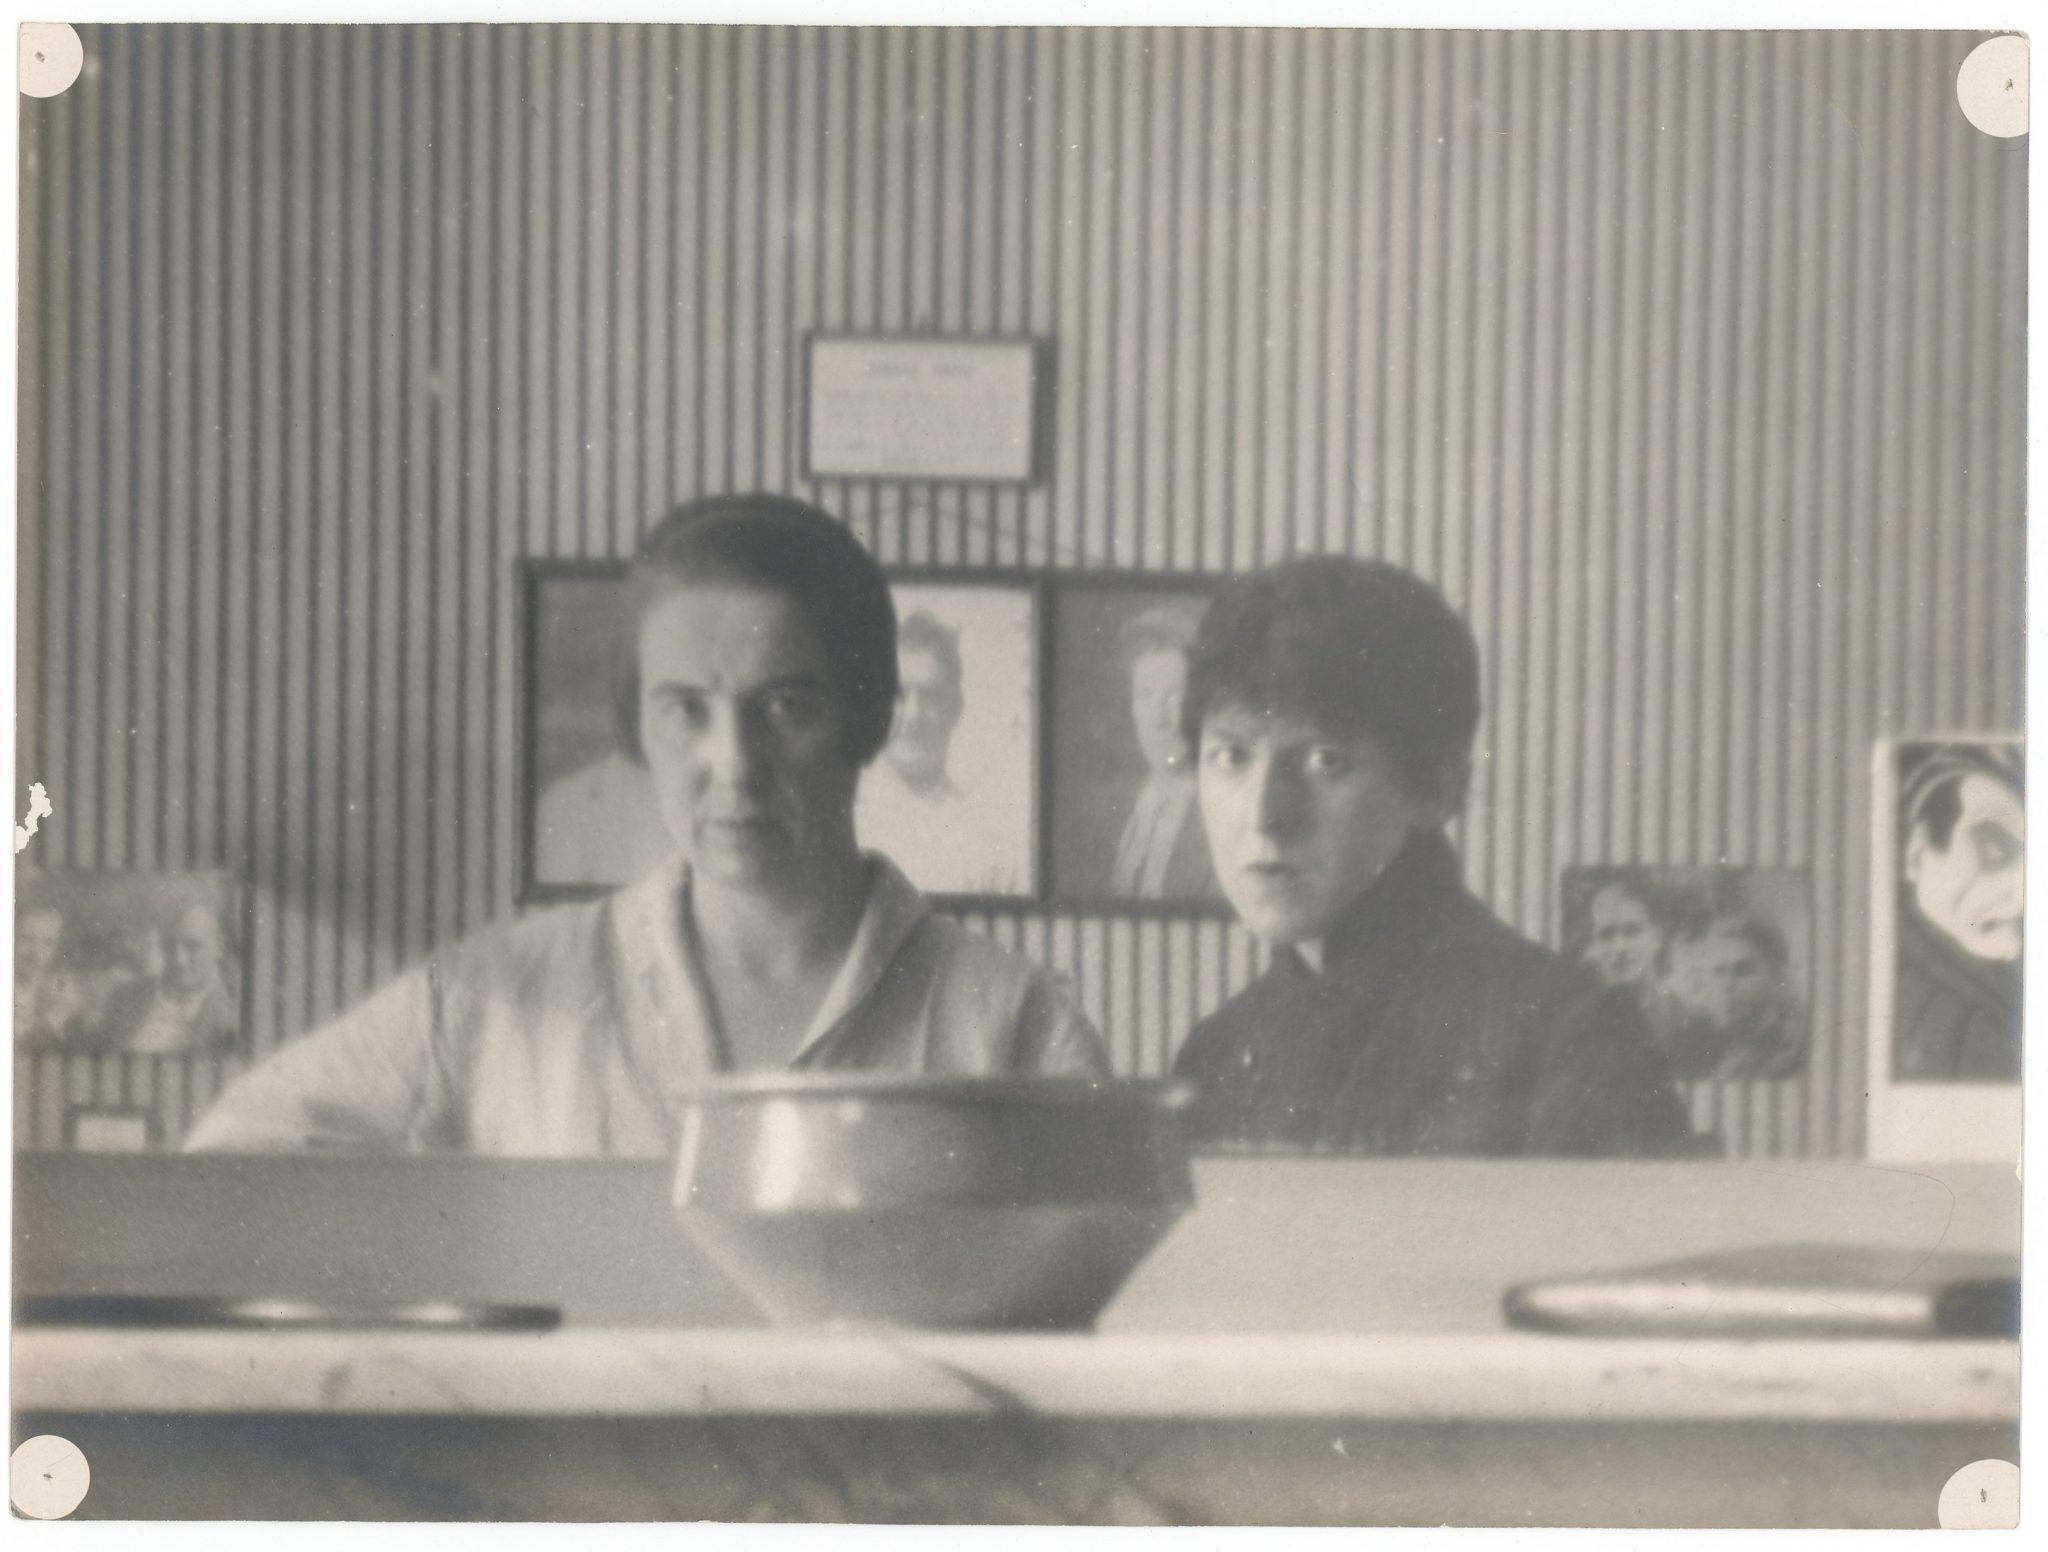 Claude Cahun et Marcel Moore, autoportrait photographique, tirage N/B, 17.9 cm x 23.8 cm, 1920 © Jersey Heritage Trust